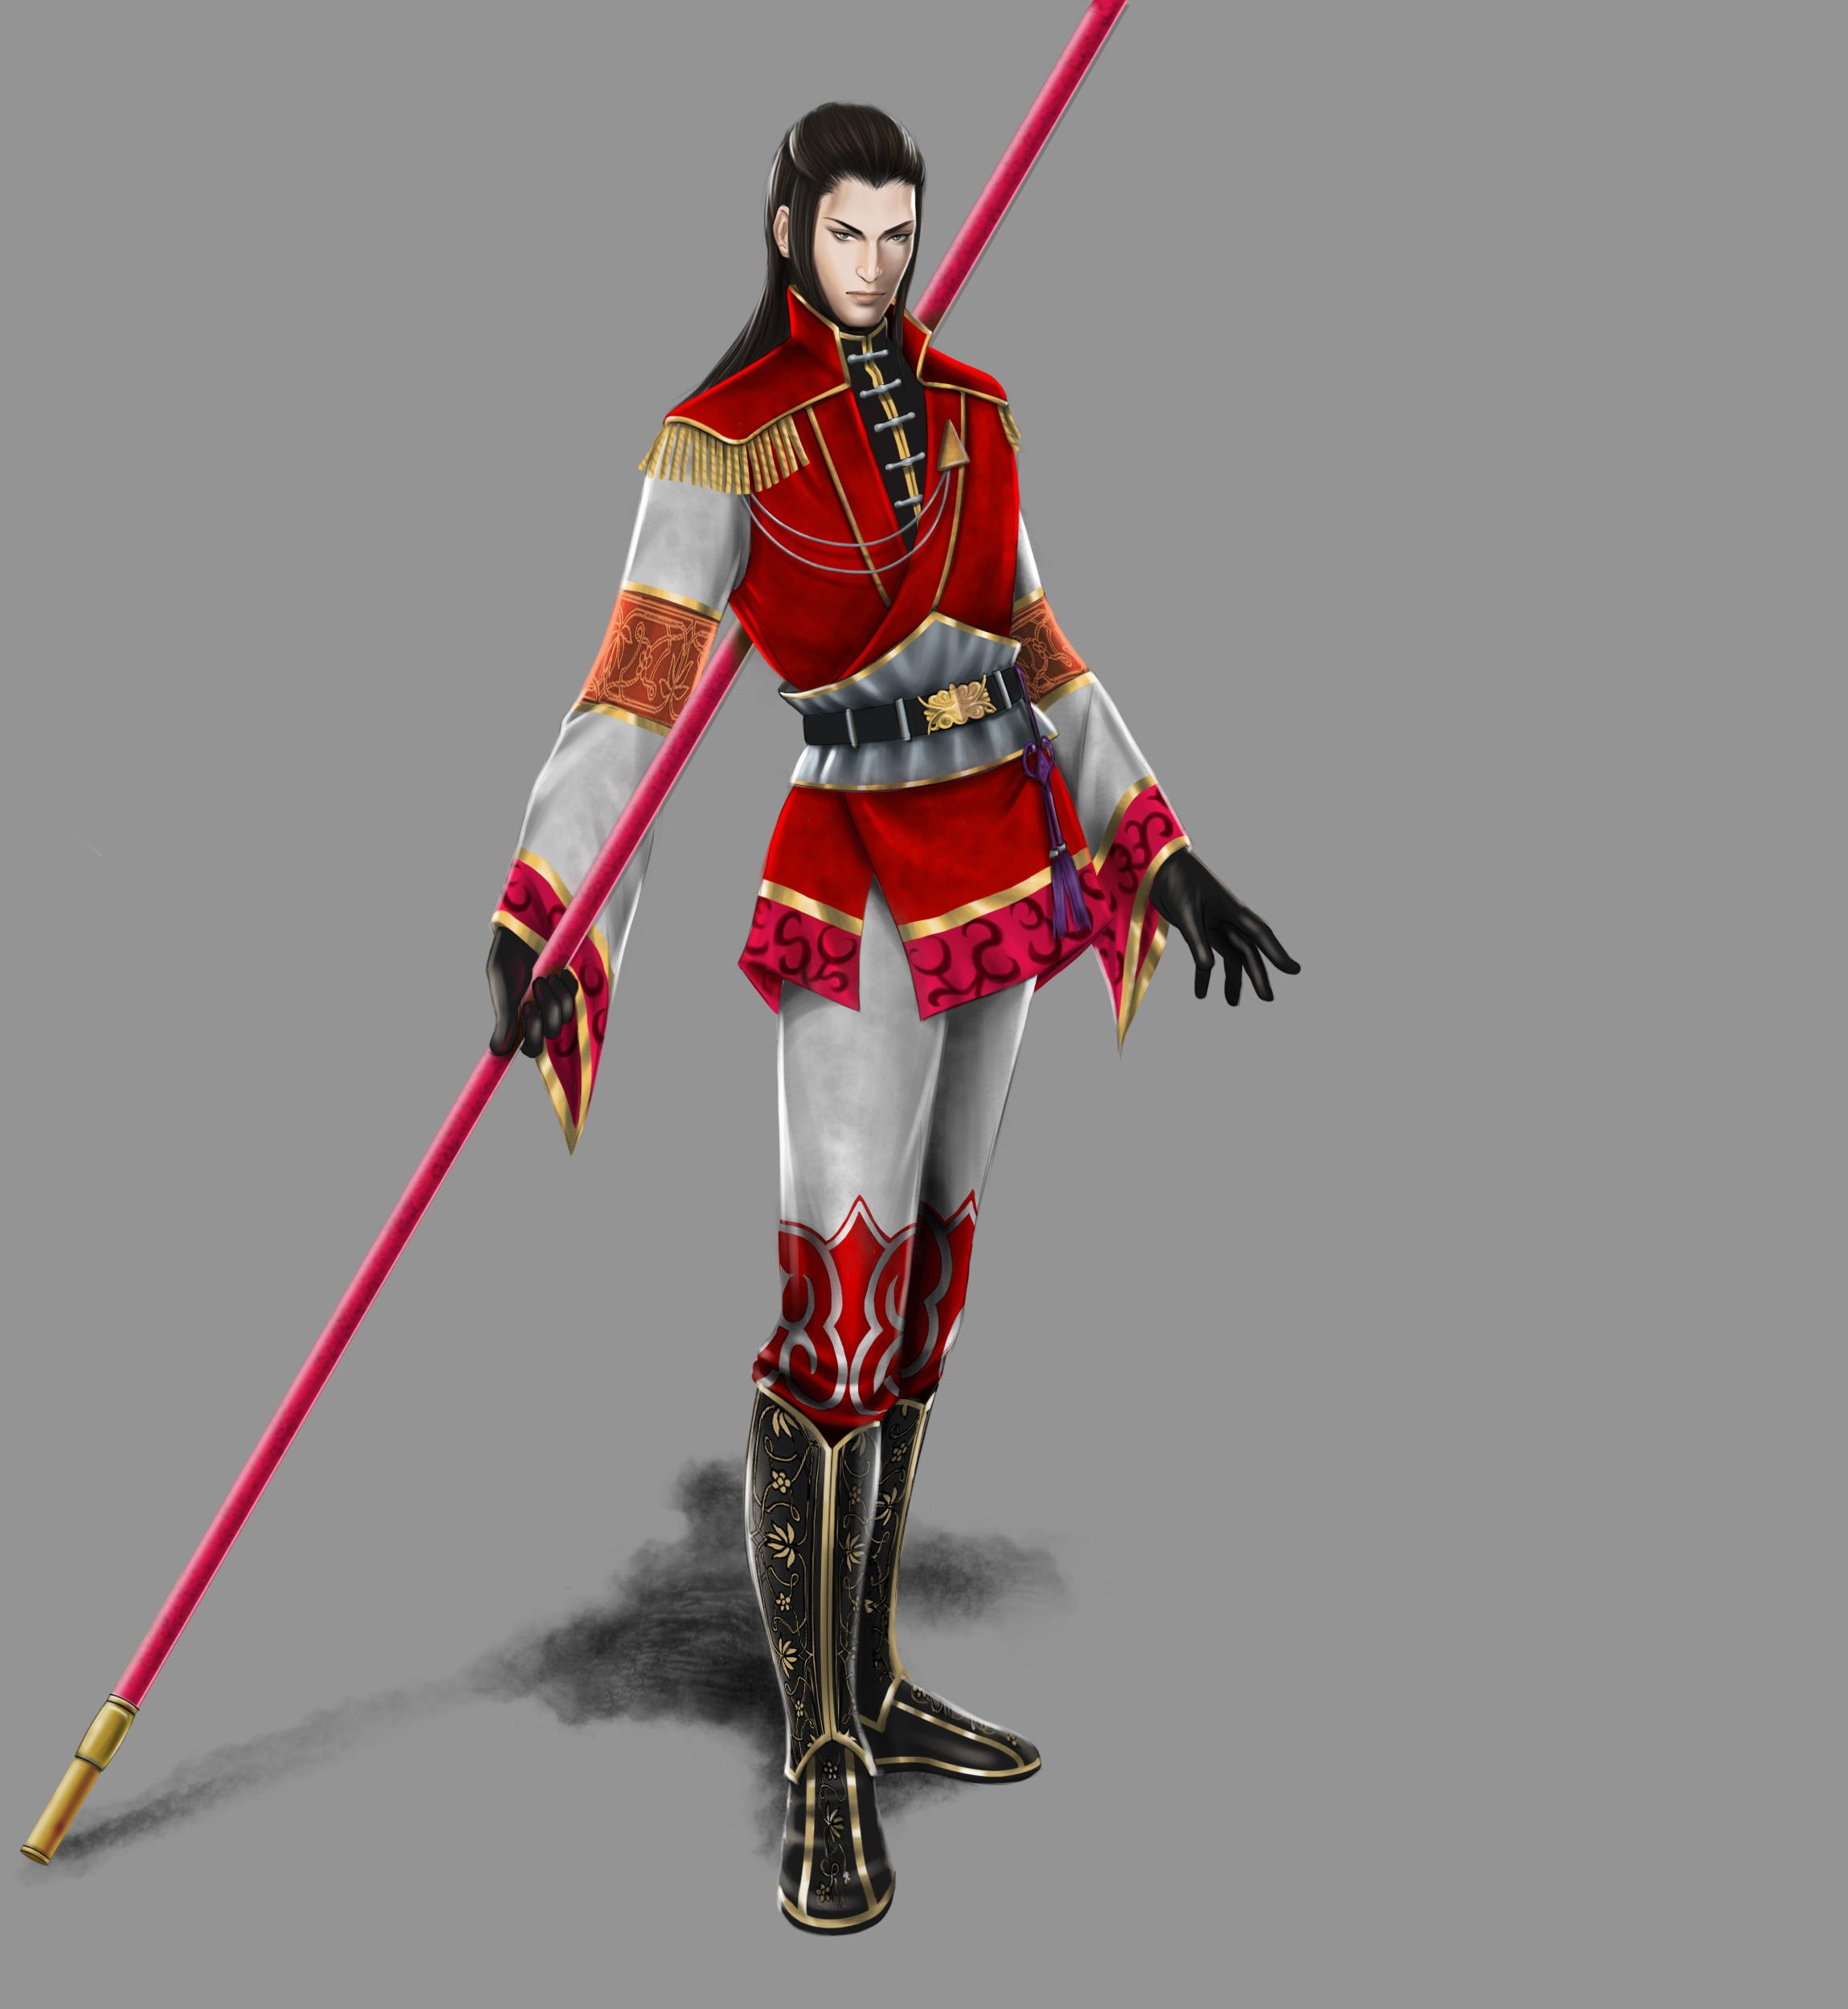 Drawn warrior zhou dynasty Thread com/Images/Dynasty jpg u_Yu_3_DW7 2011: